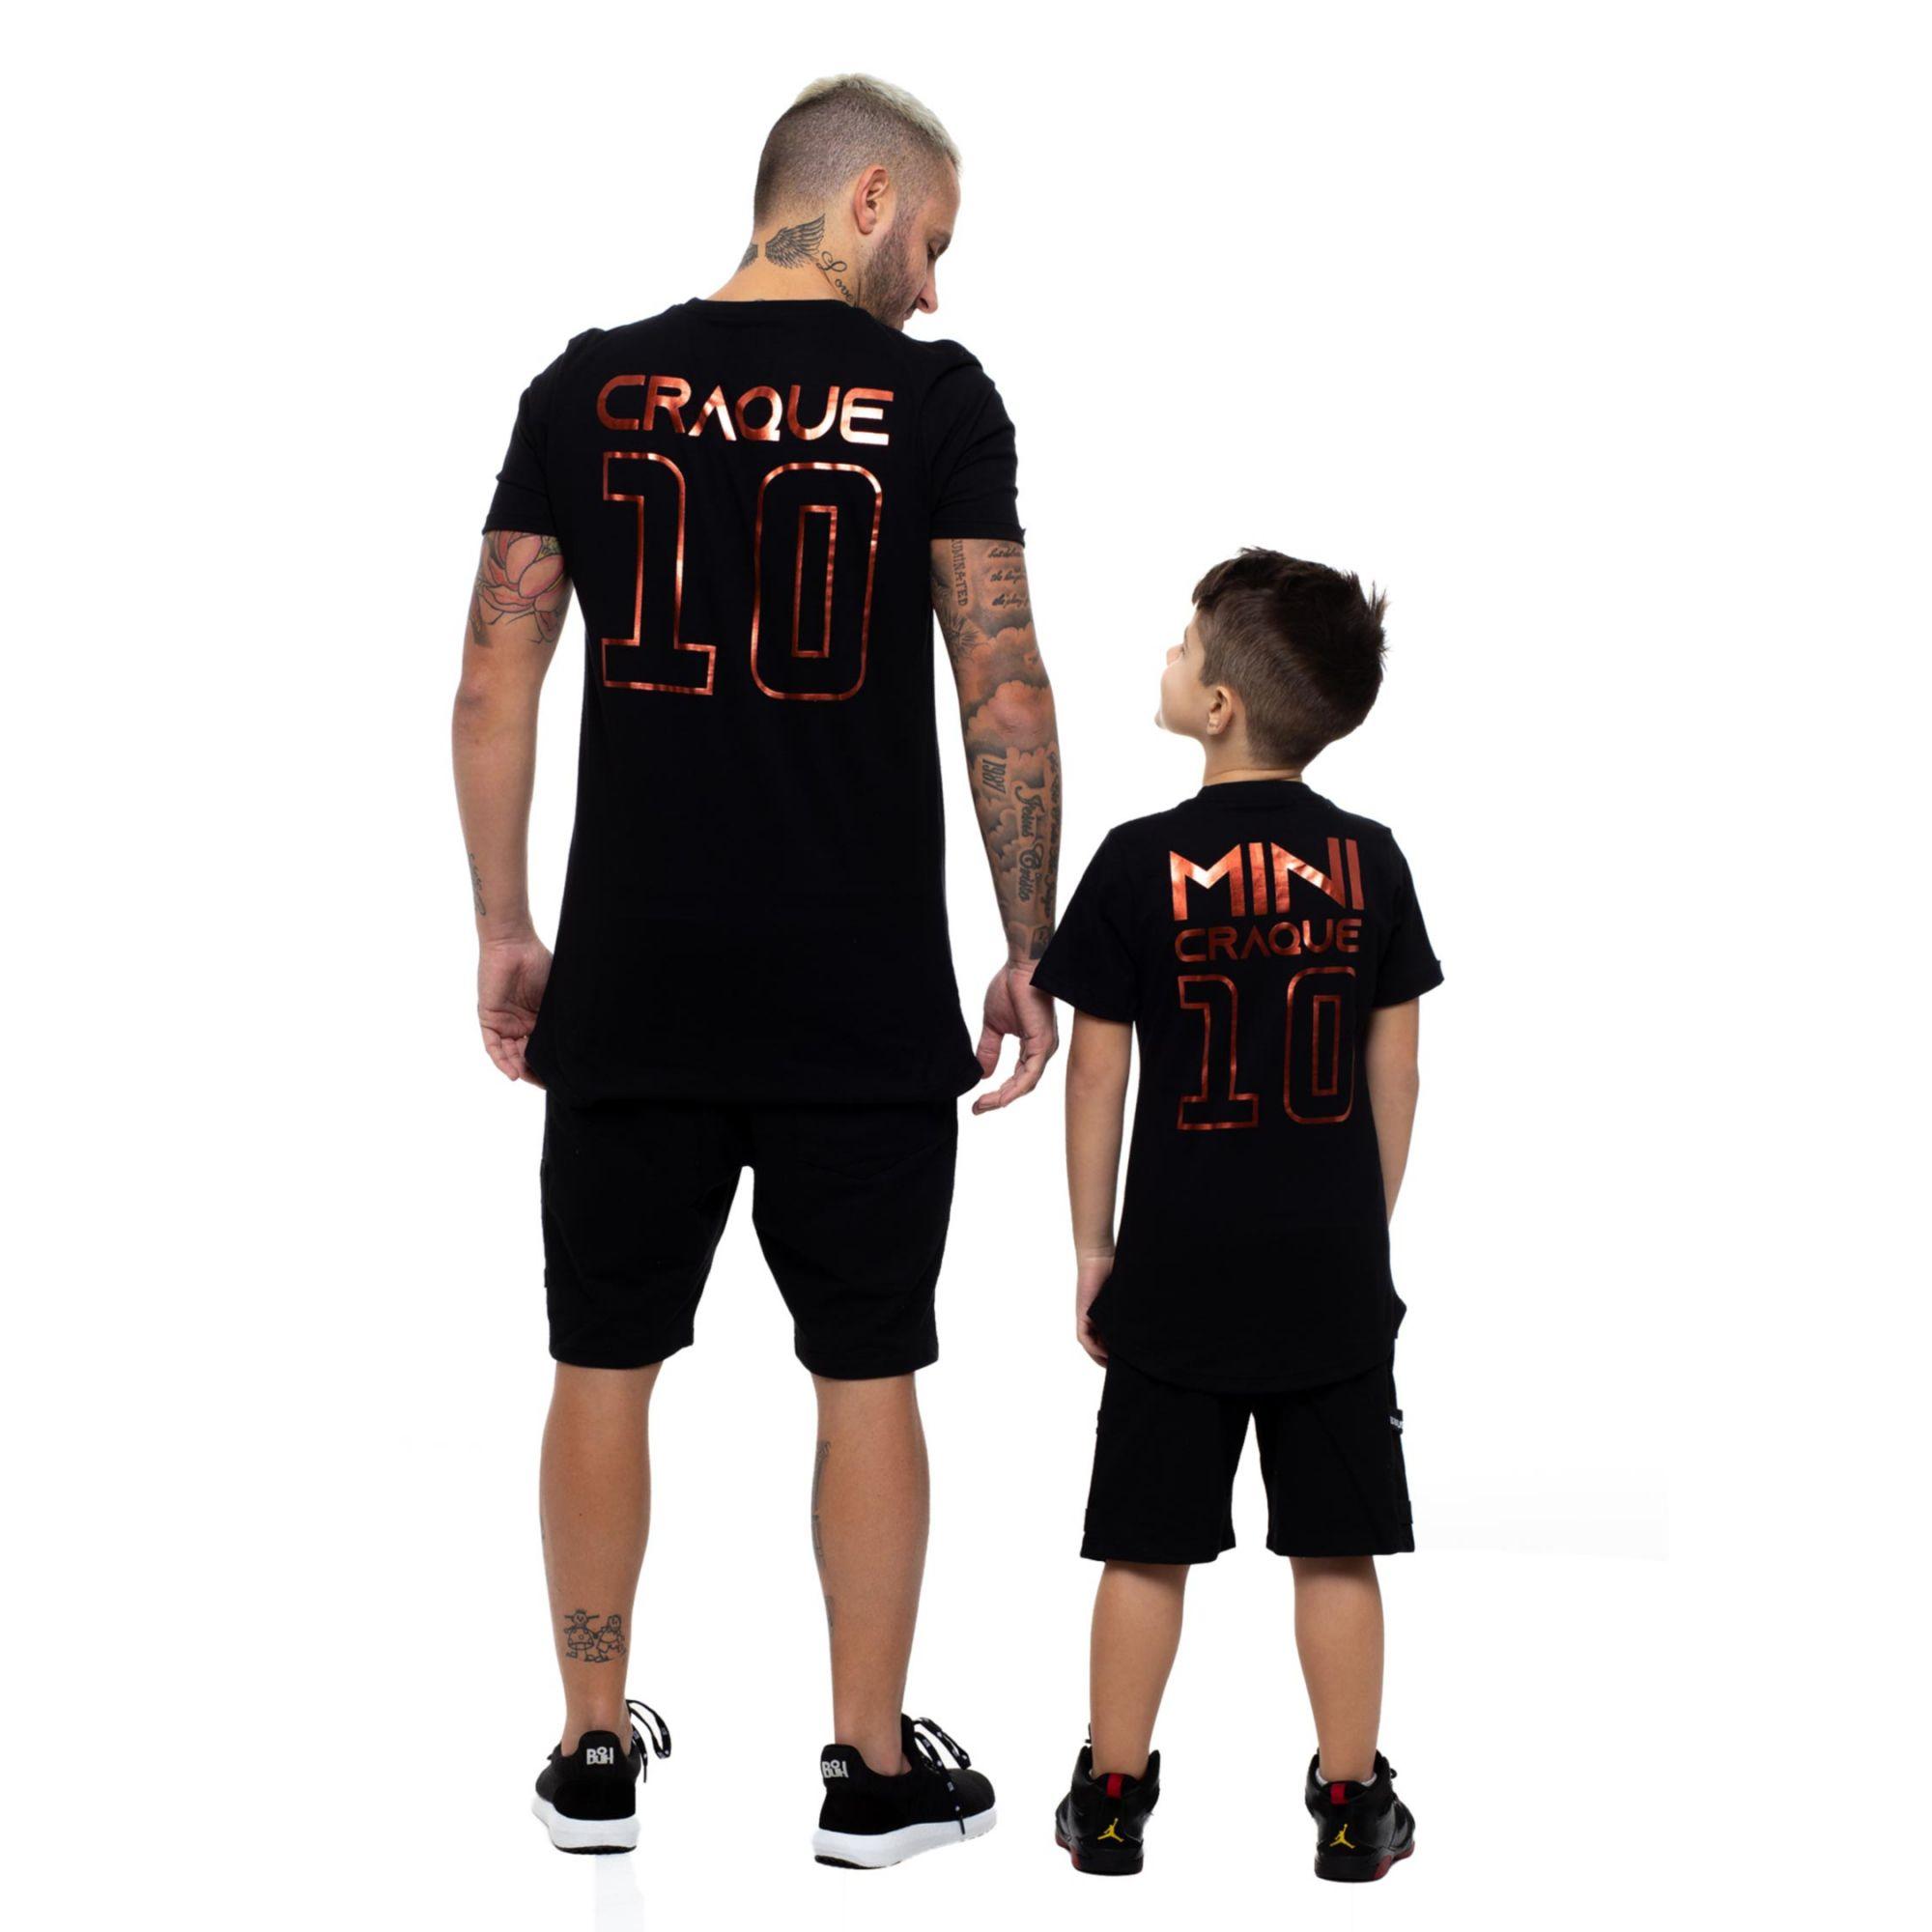 Camiseta Buh Craque e Mini Craque Black